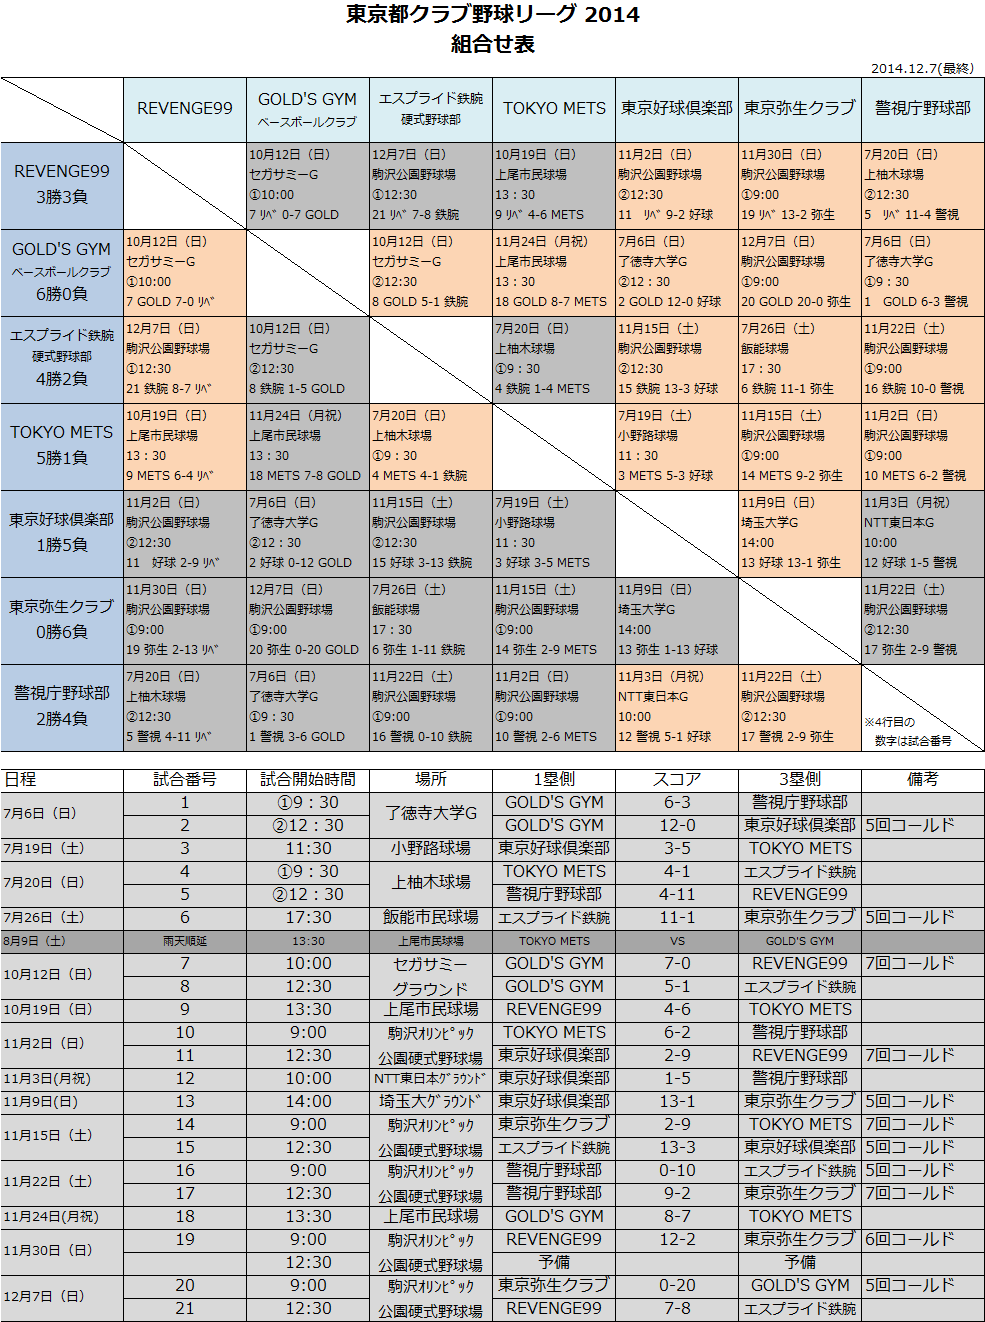 2014.12.7 勝敗表_b0210656_11141735.png